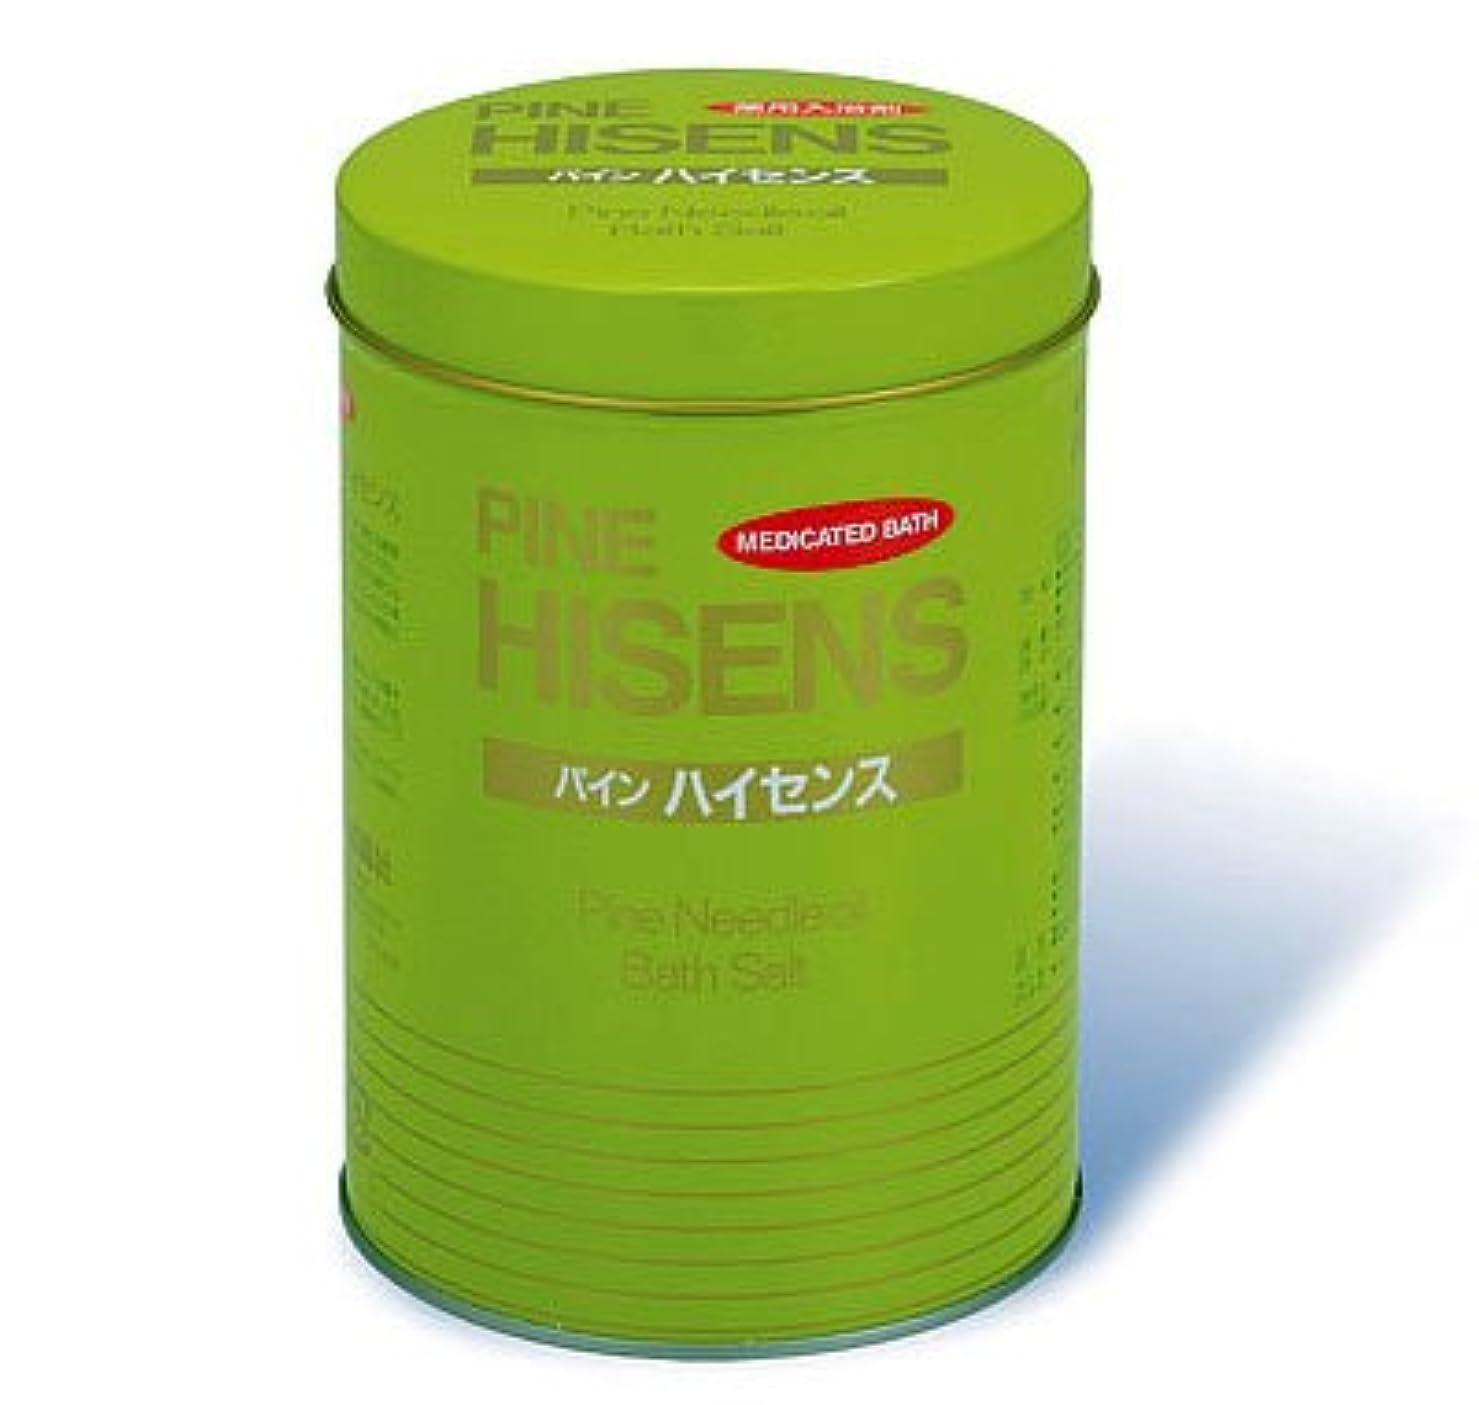 教授収束する報復高陽社 薬用入浴剤 パインハイセンス 2.1kg 1缶